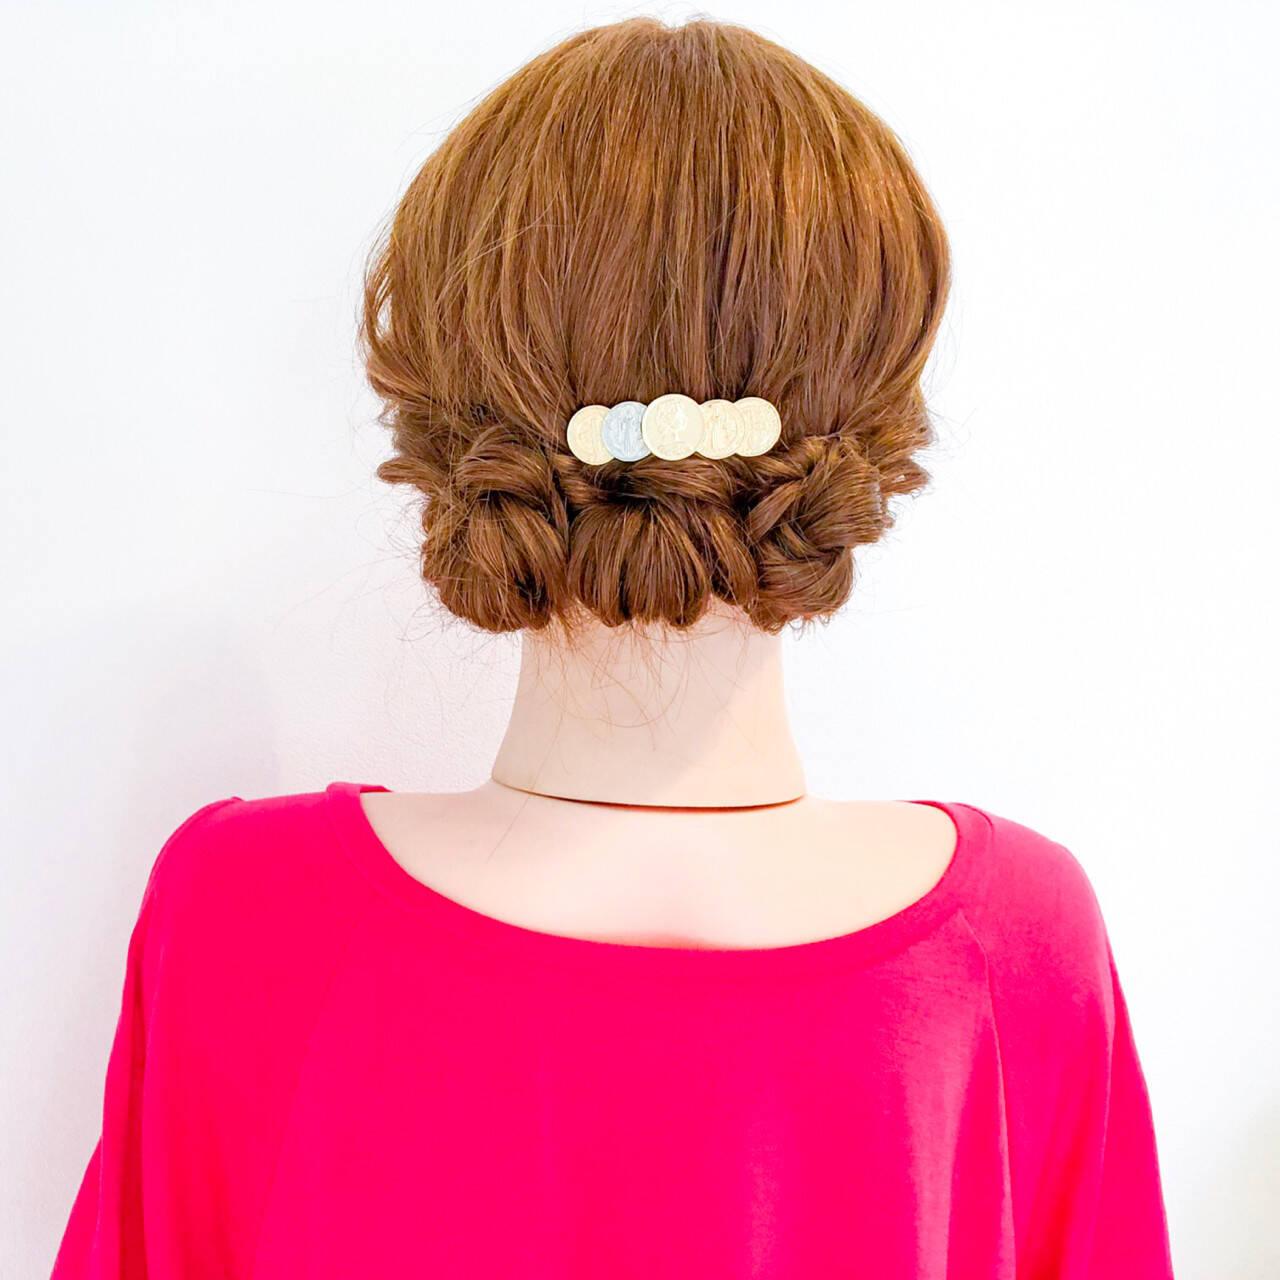 結婚式 簡単ヘアアレンジ オフィス 涼しげヘアスタイルや髪型の写真・画像